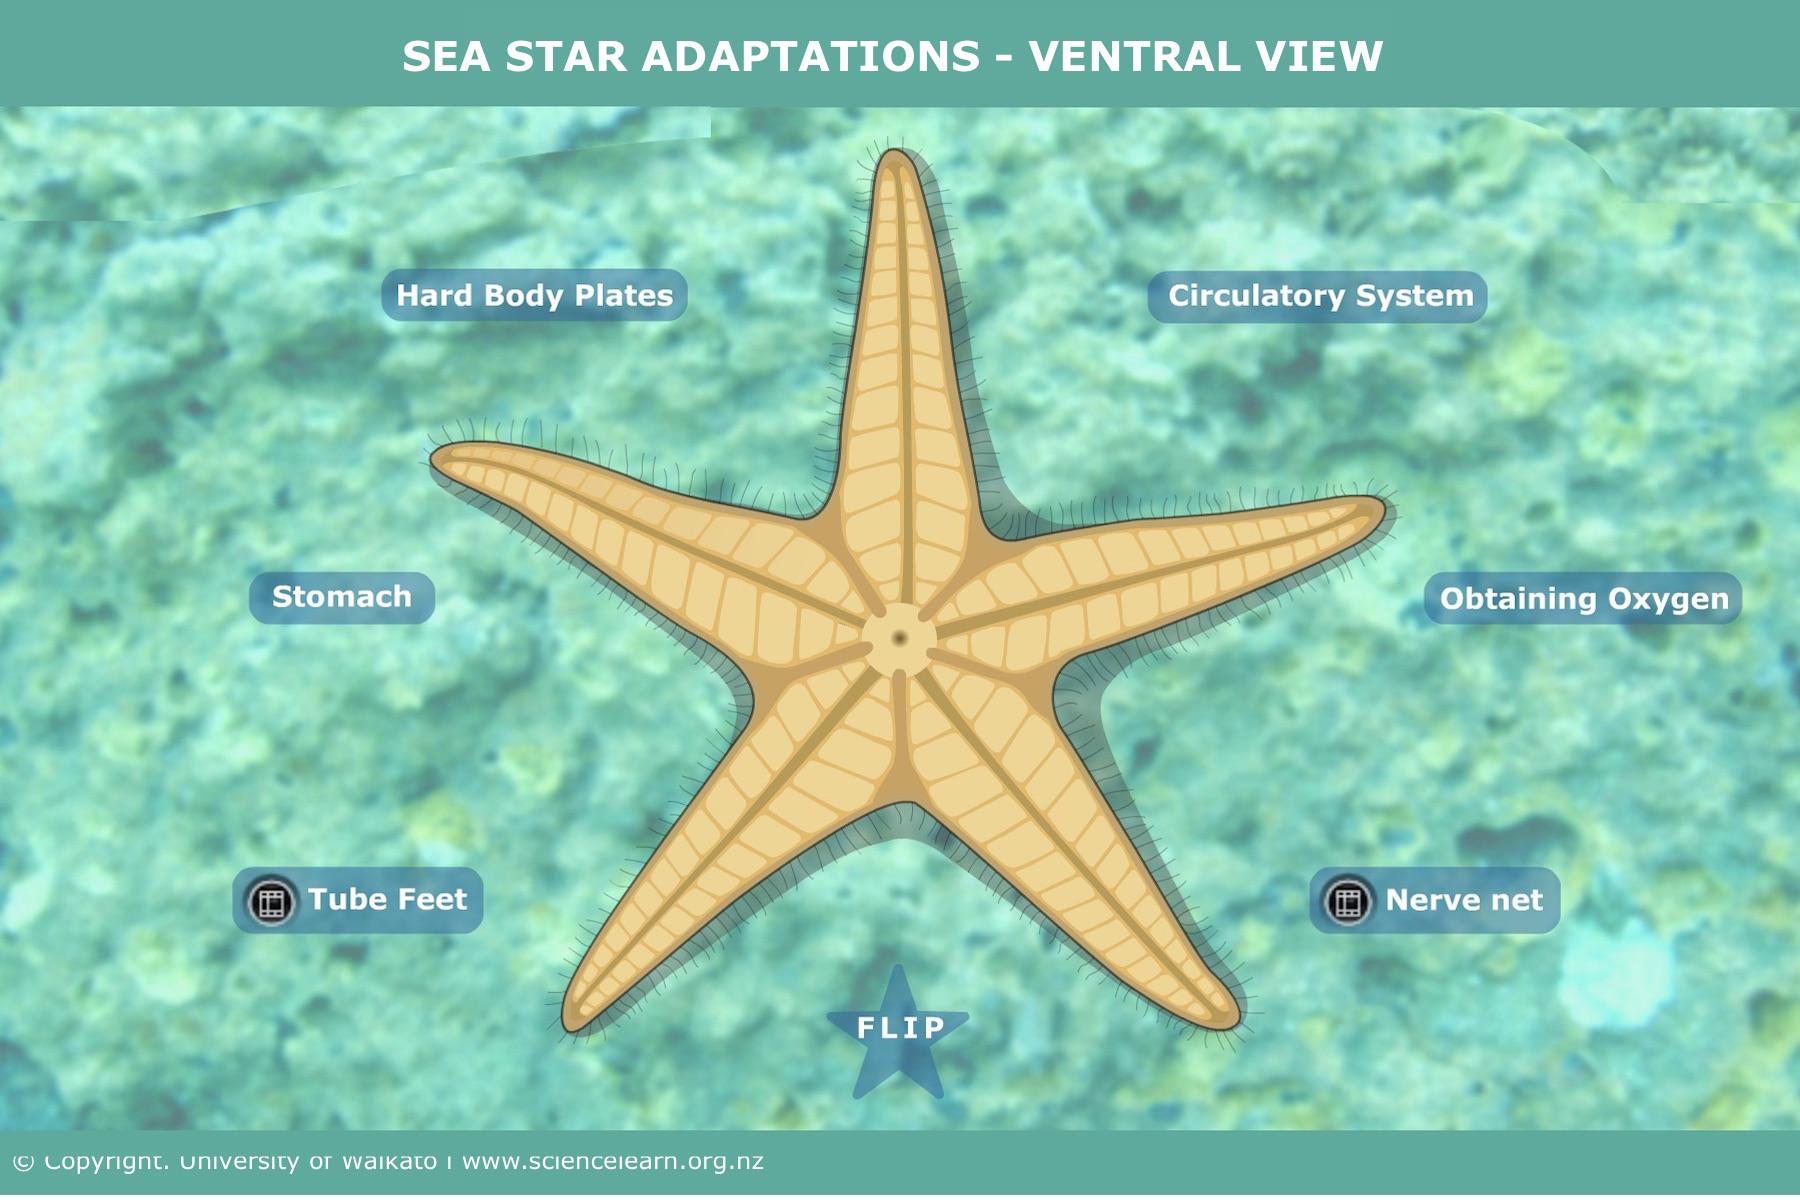 sea star adaptations u2013 ventral view u2014 science learning hubsea star adaptations u2013 [ 1800 x 1200 Pixel ]